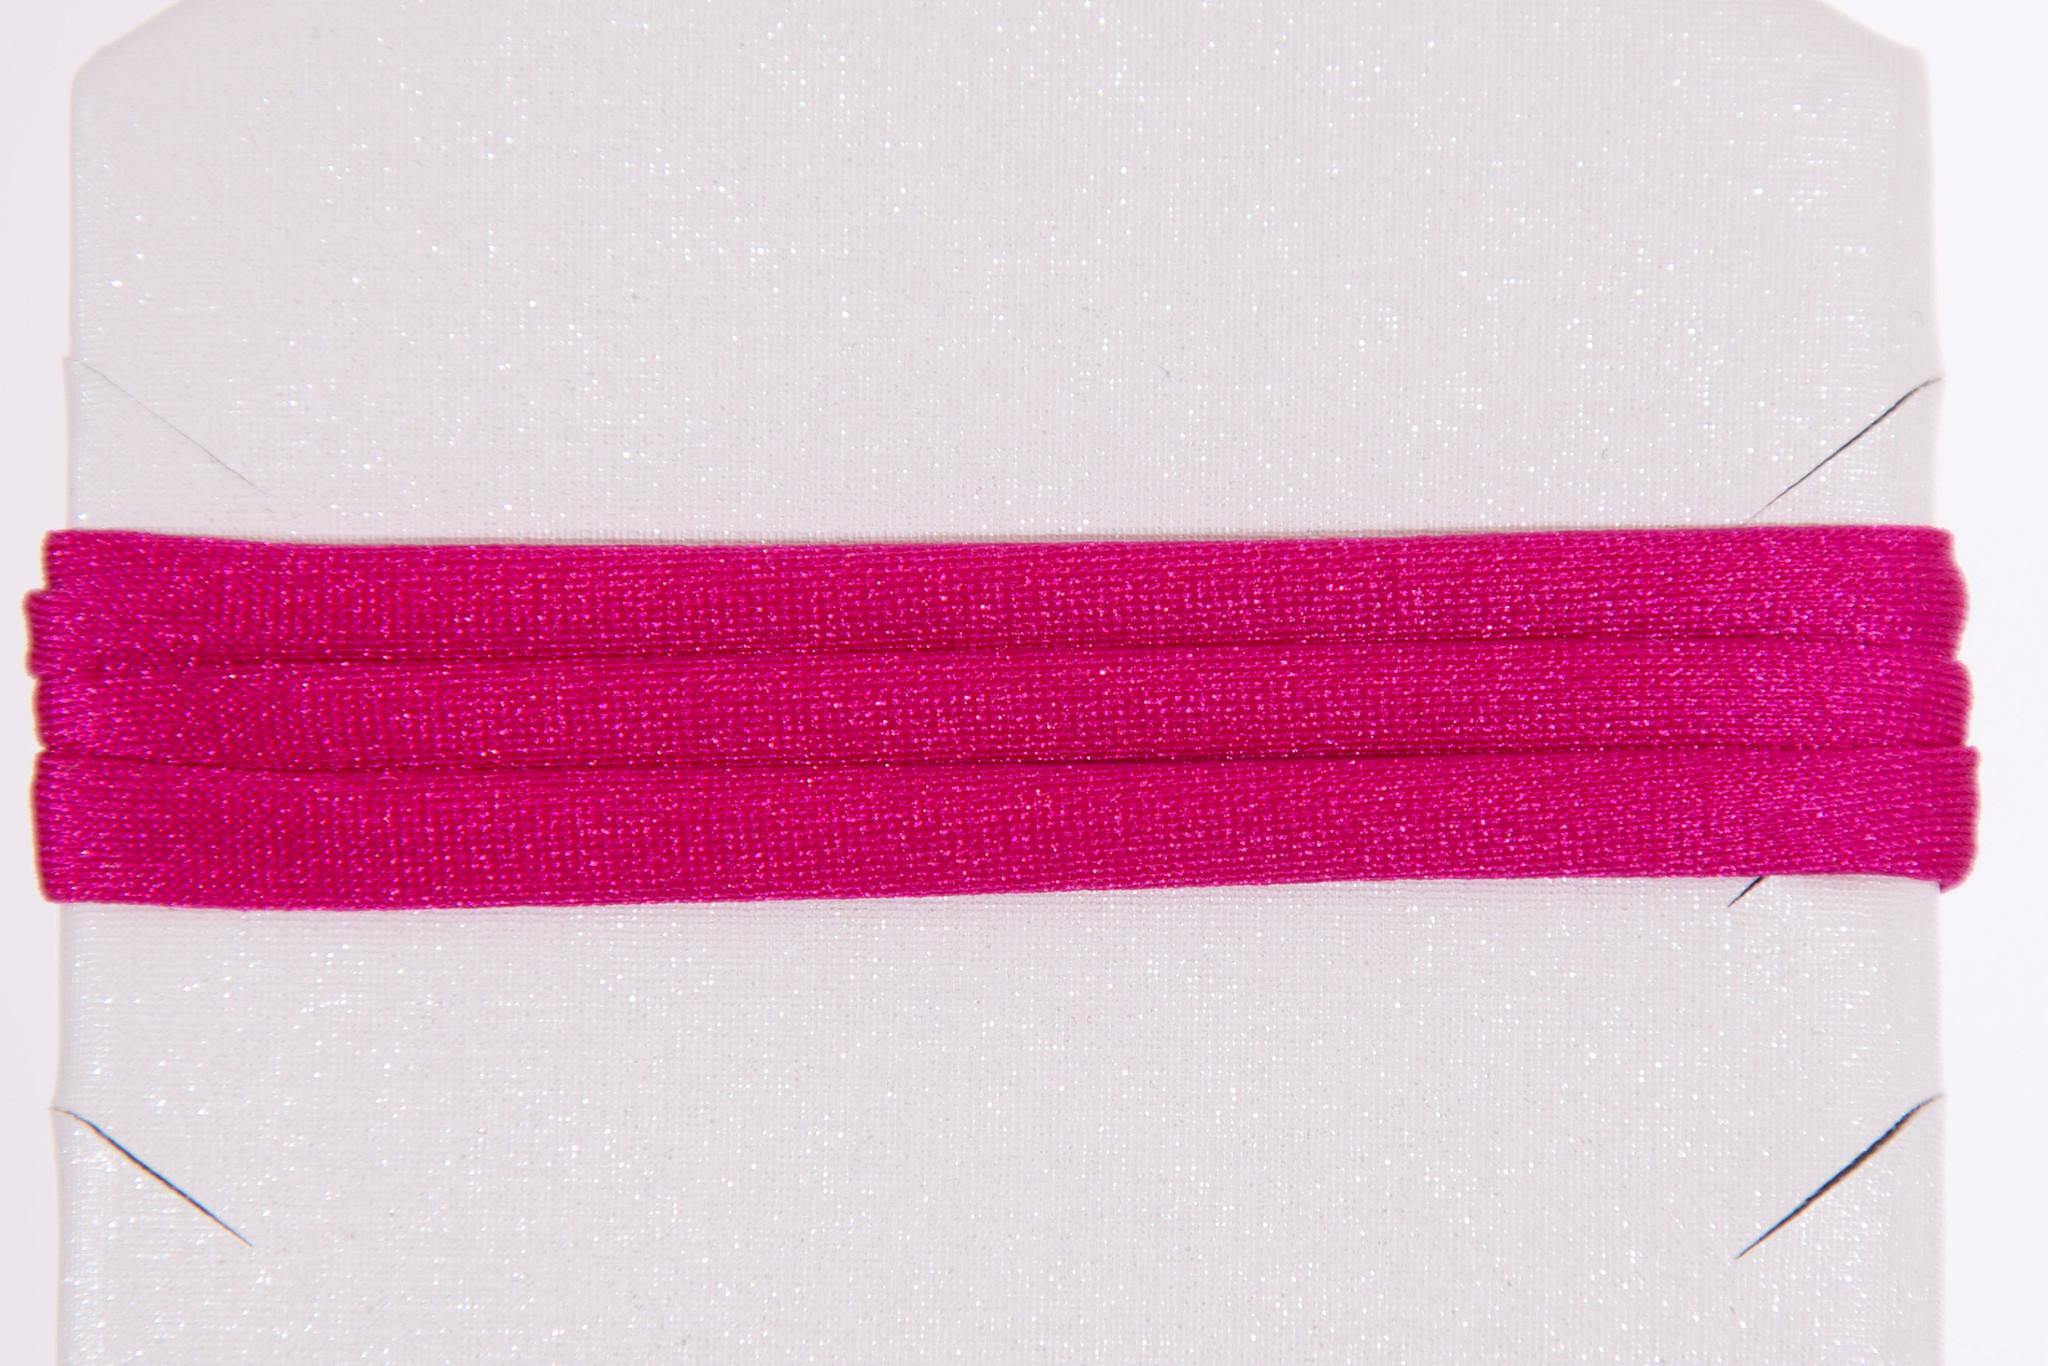 Fitwear Pink / N*dividual